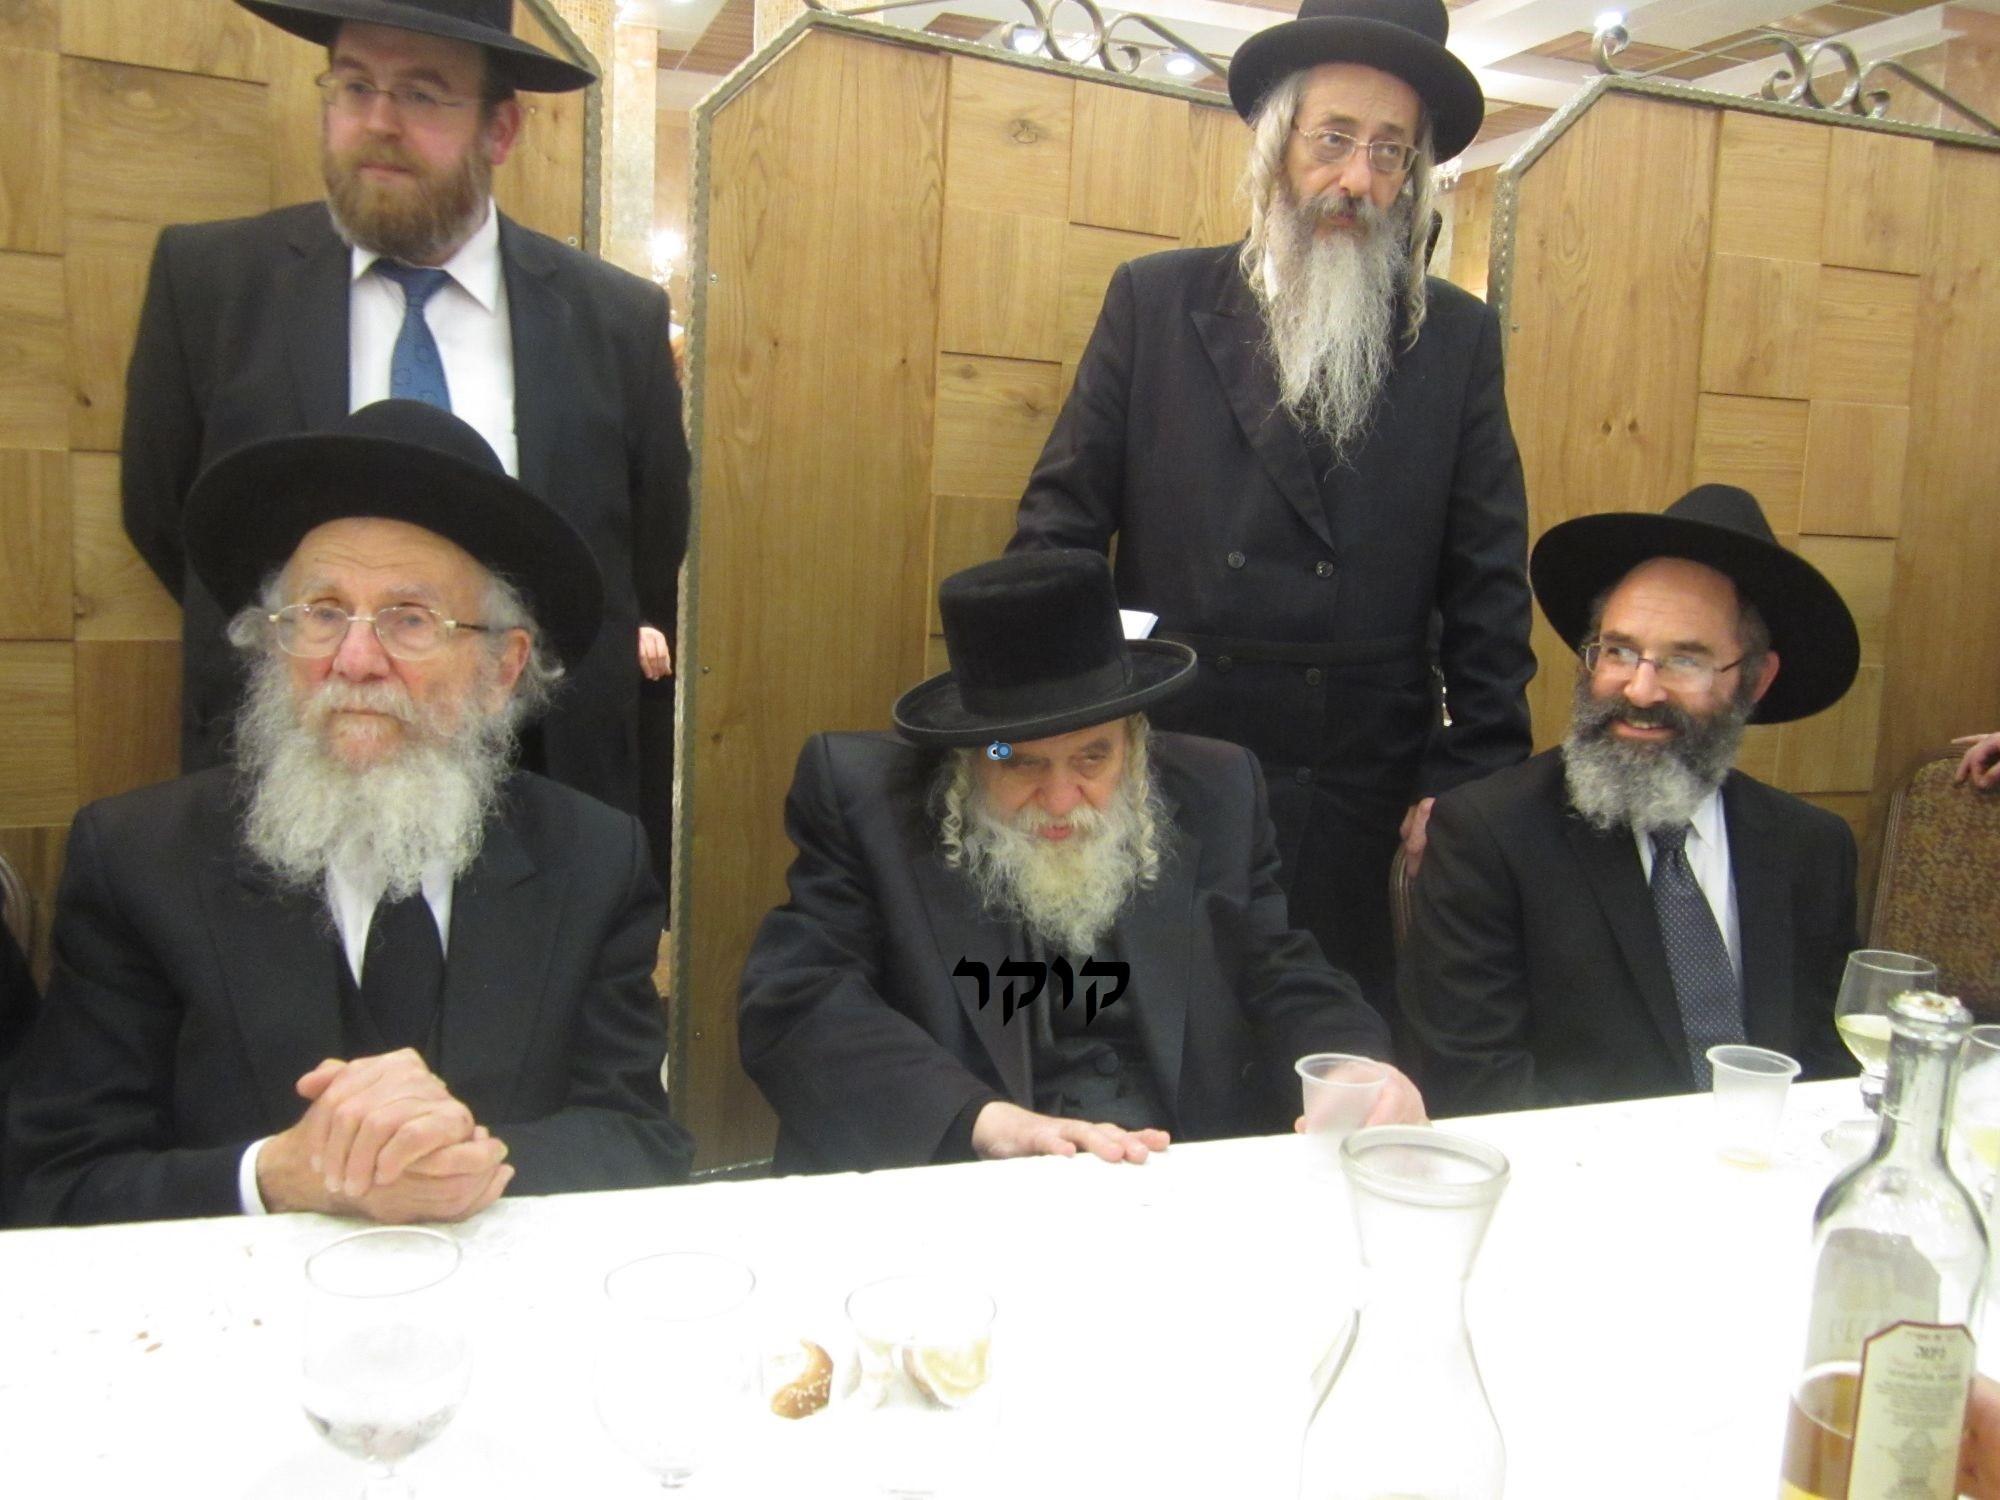 אדמו''ר מ טשערנוביל מטשערנוביל, חתונה, הרב יעקב אדלשטיין אדלשטין (3)